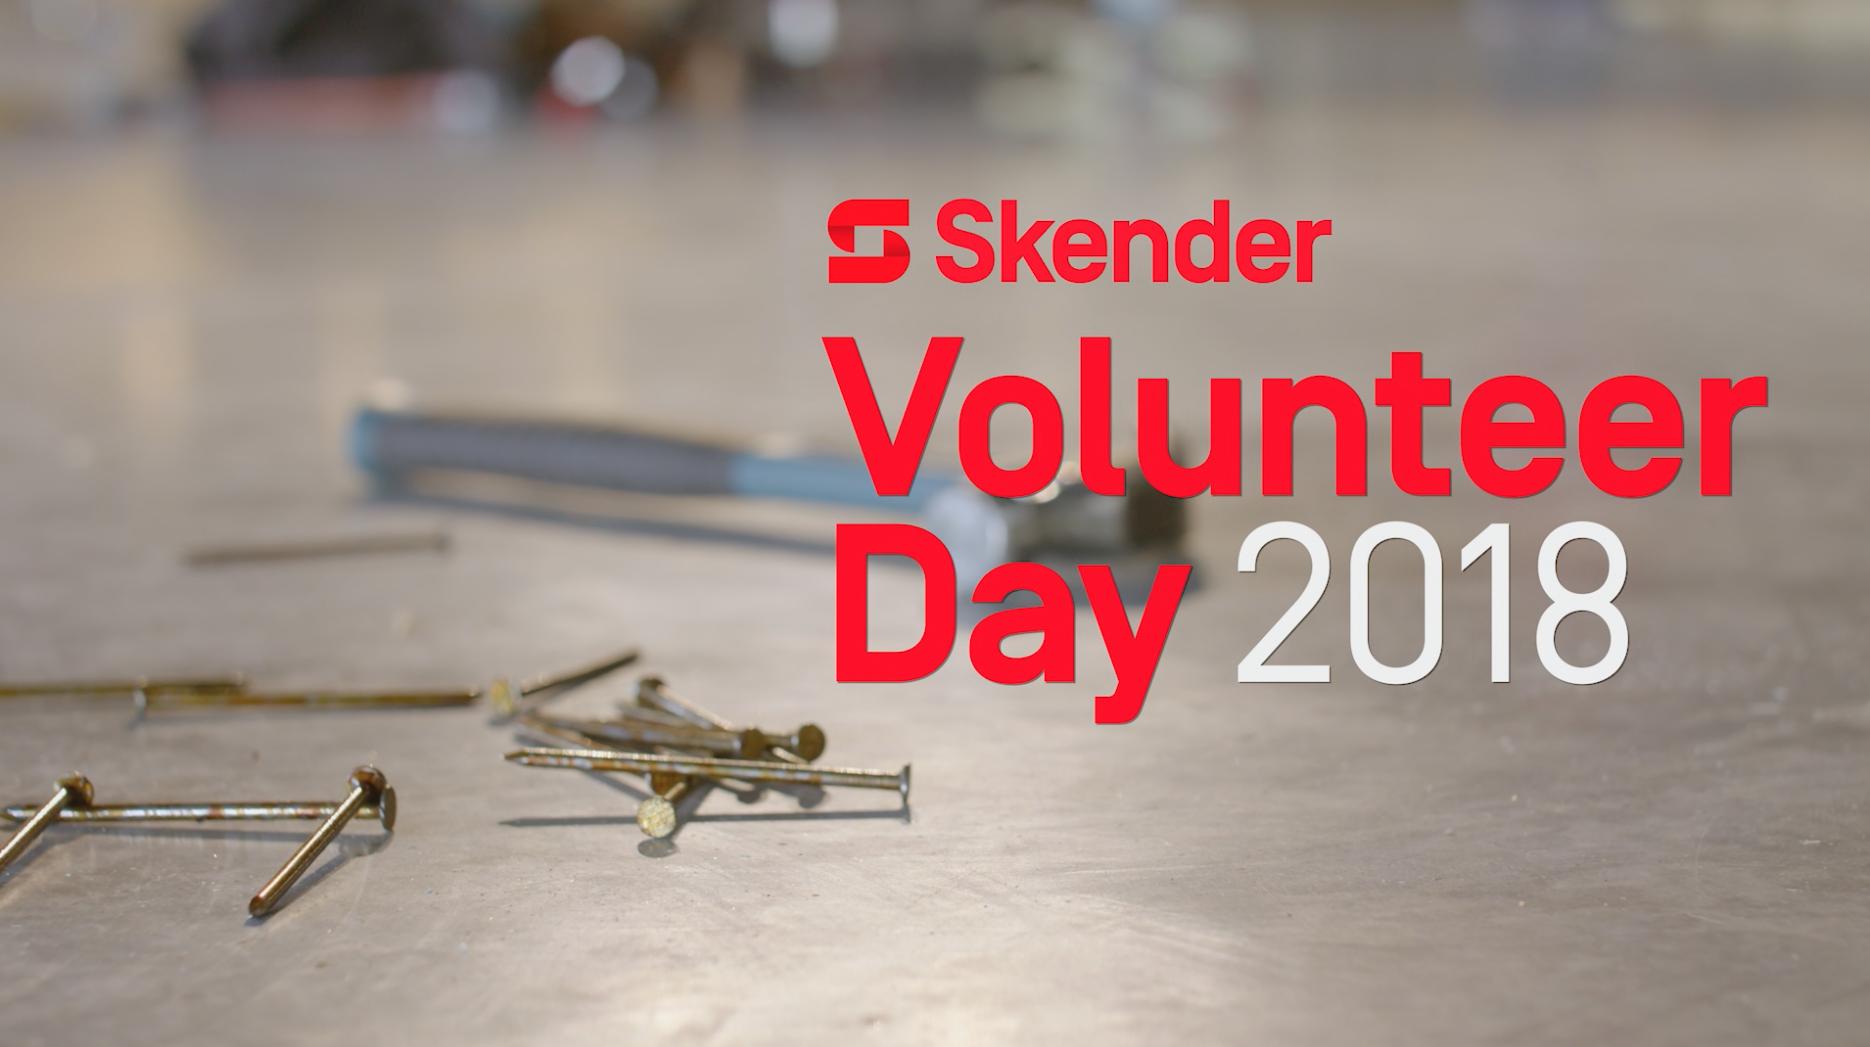 Skender Volunteer Day 2018